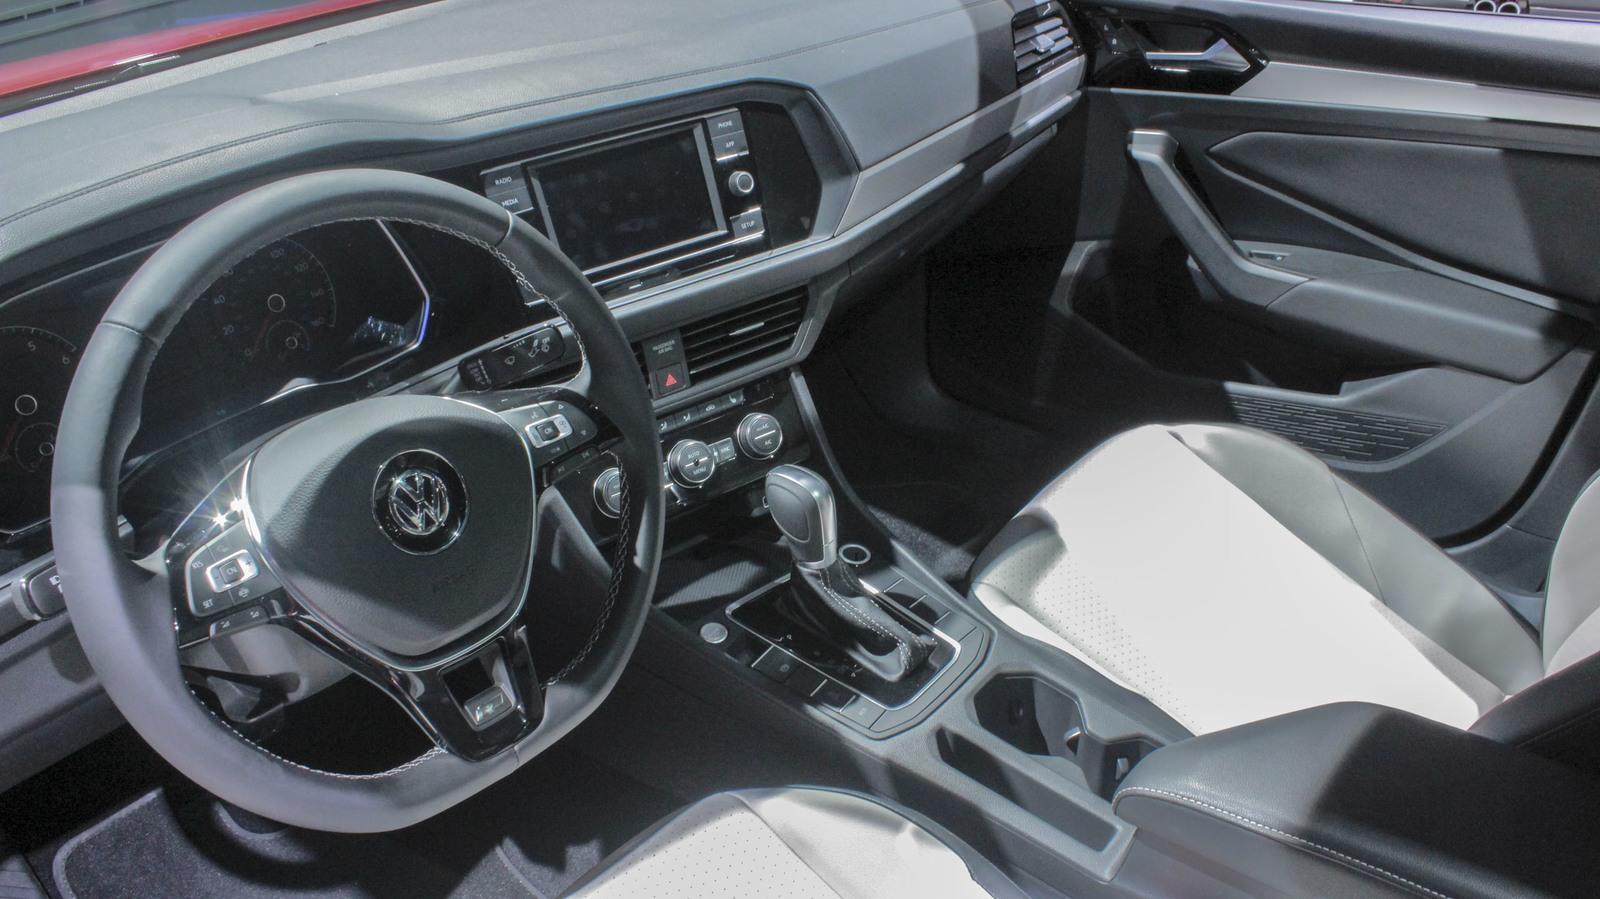 2019 Volkswagen Jetta * Release date * Price * Specs * Interior